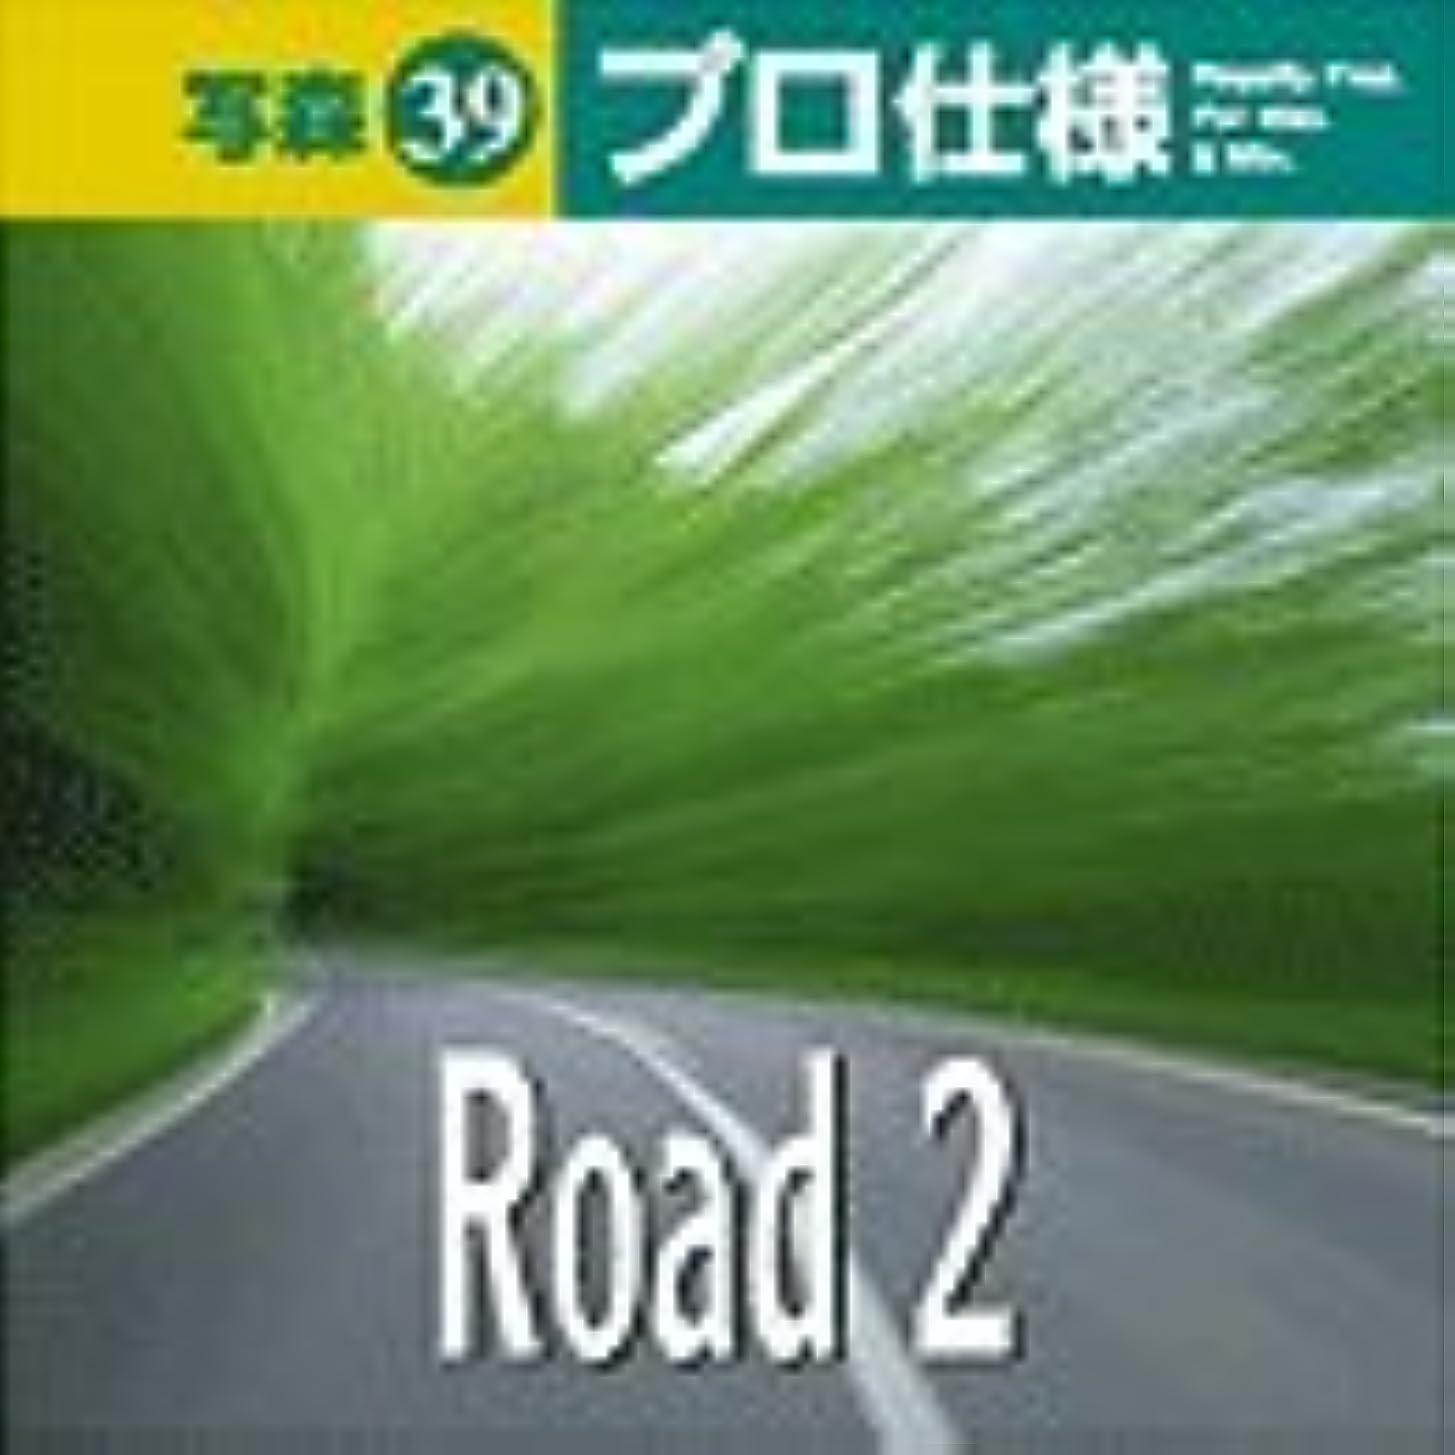 コーナー振る舞いお写森プロ仕様 Vol.39 Road 2